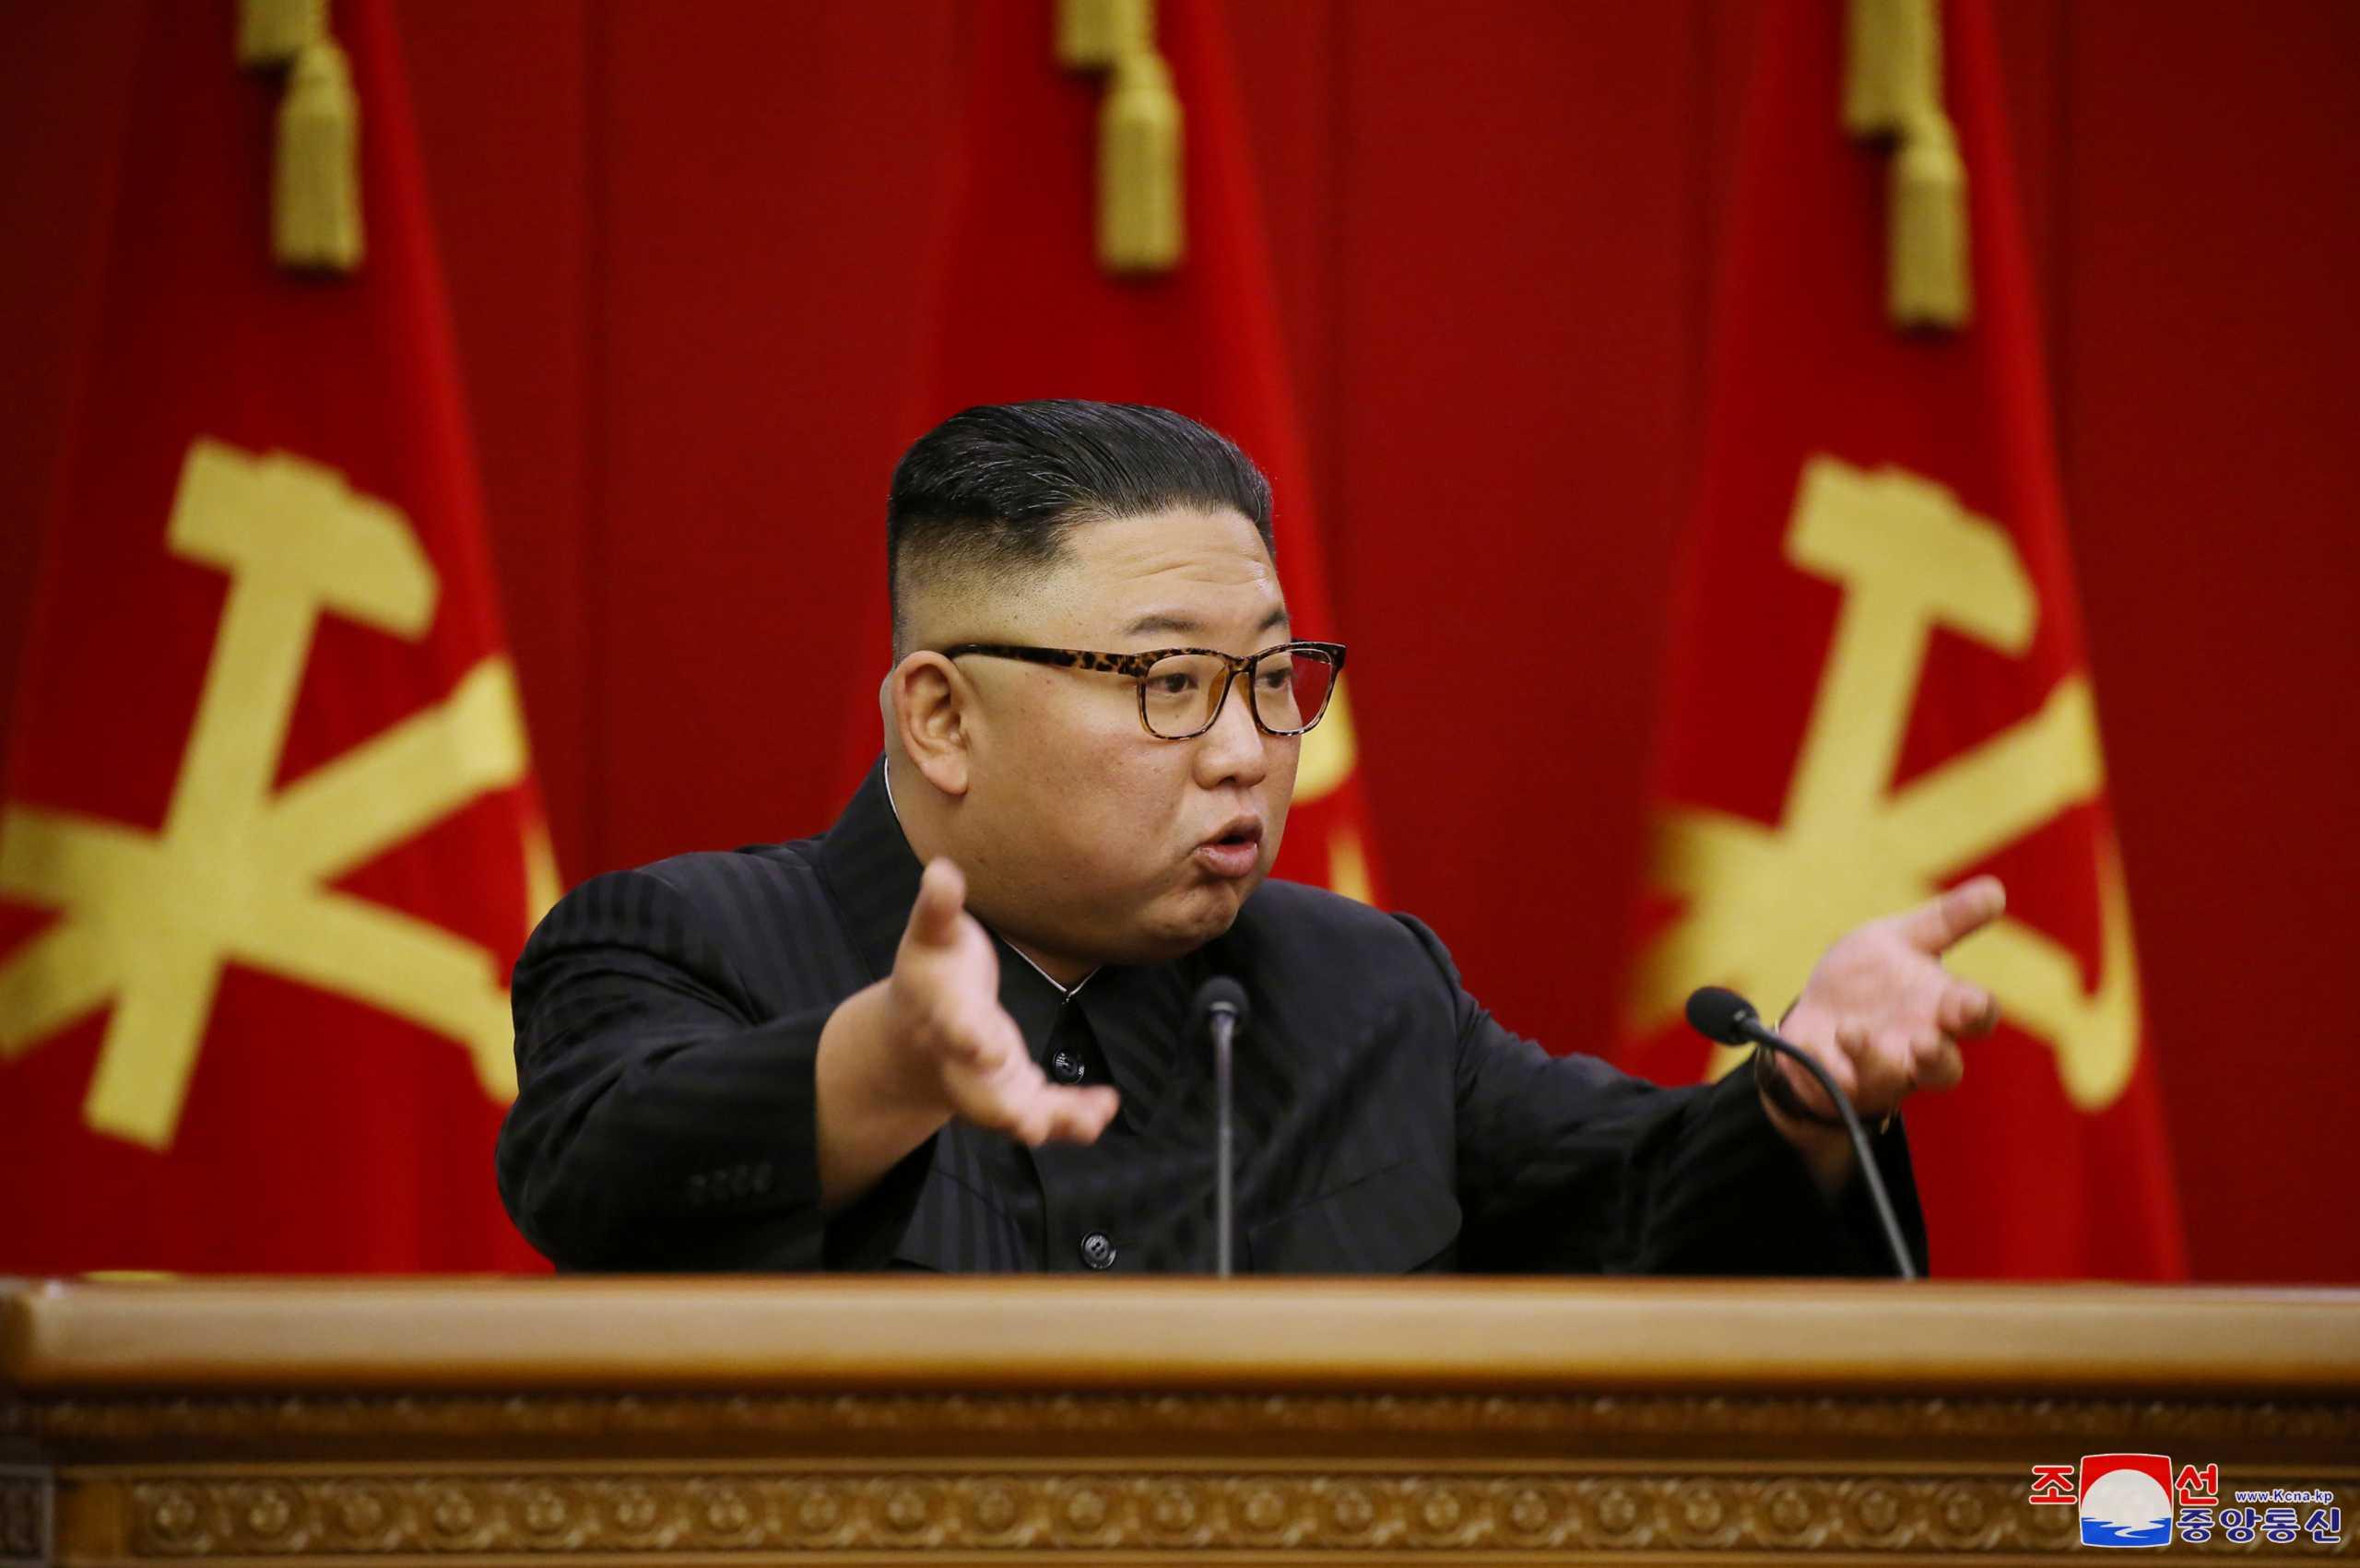 Βόρεια Κορέα: Καρατομήσεις από τον Κιμ Γιονγκ Ουν λόγω κορονοϊού